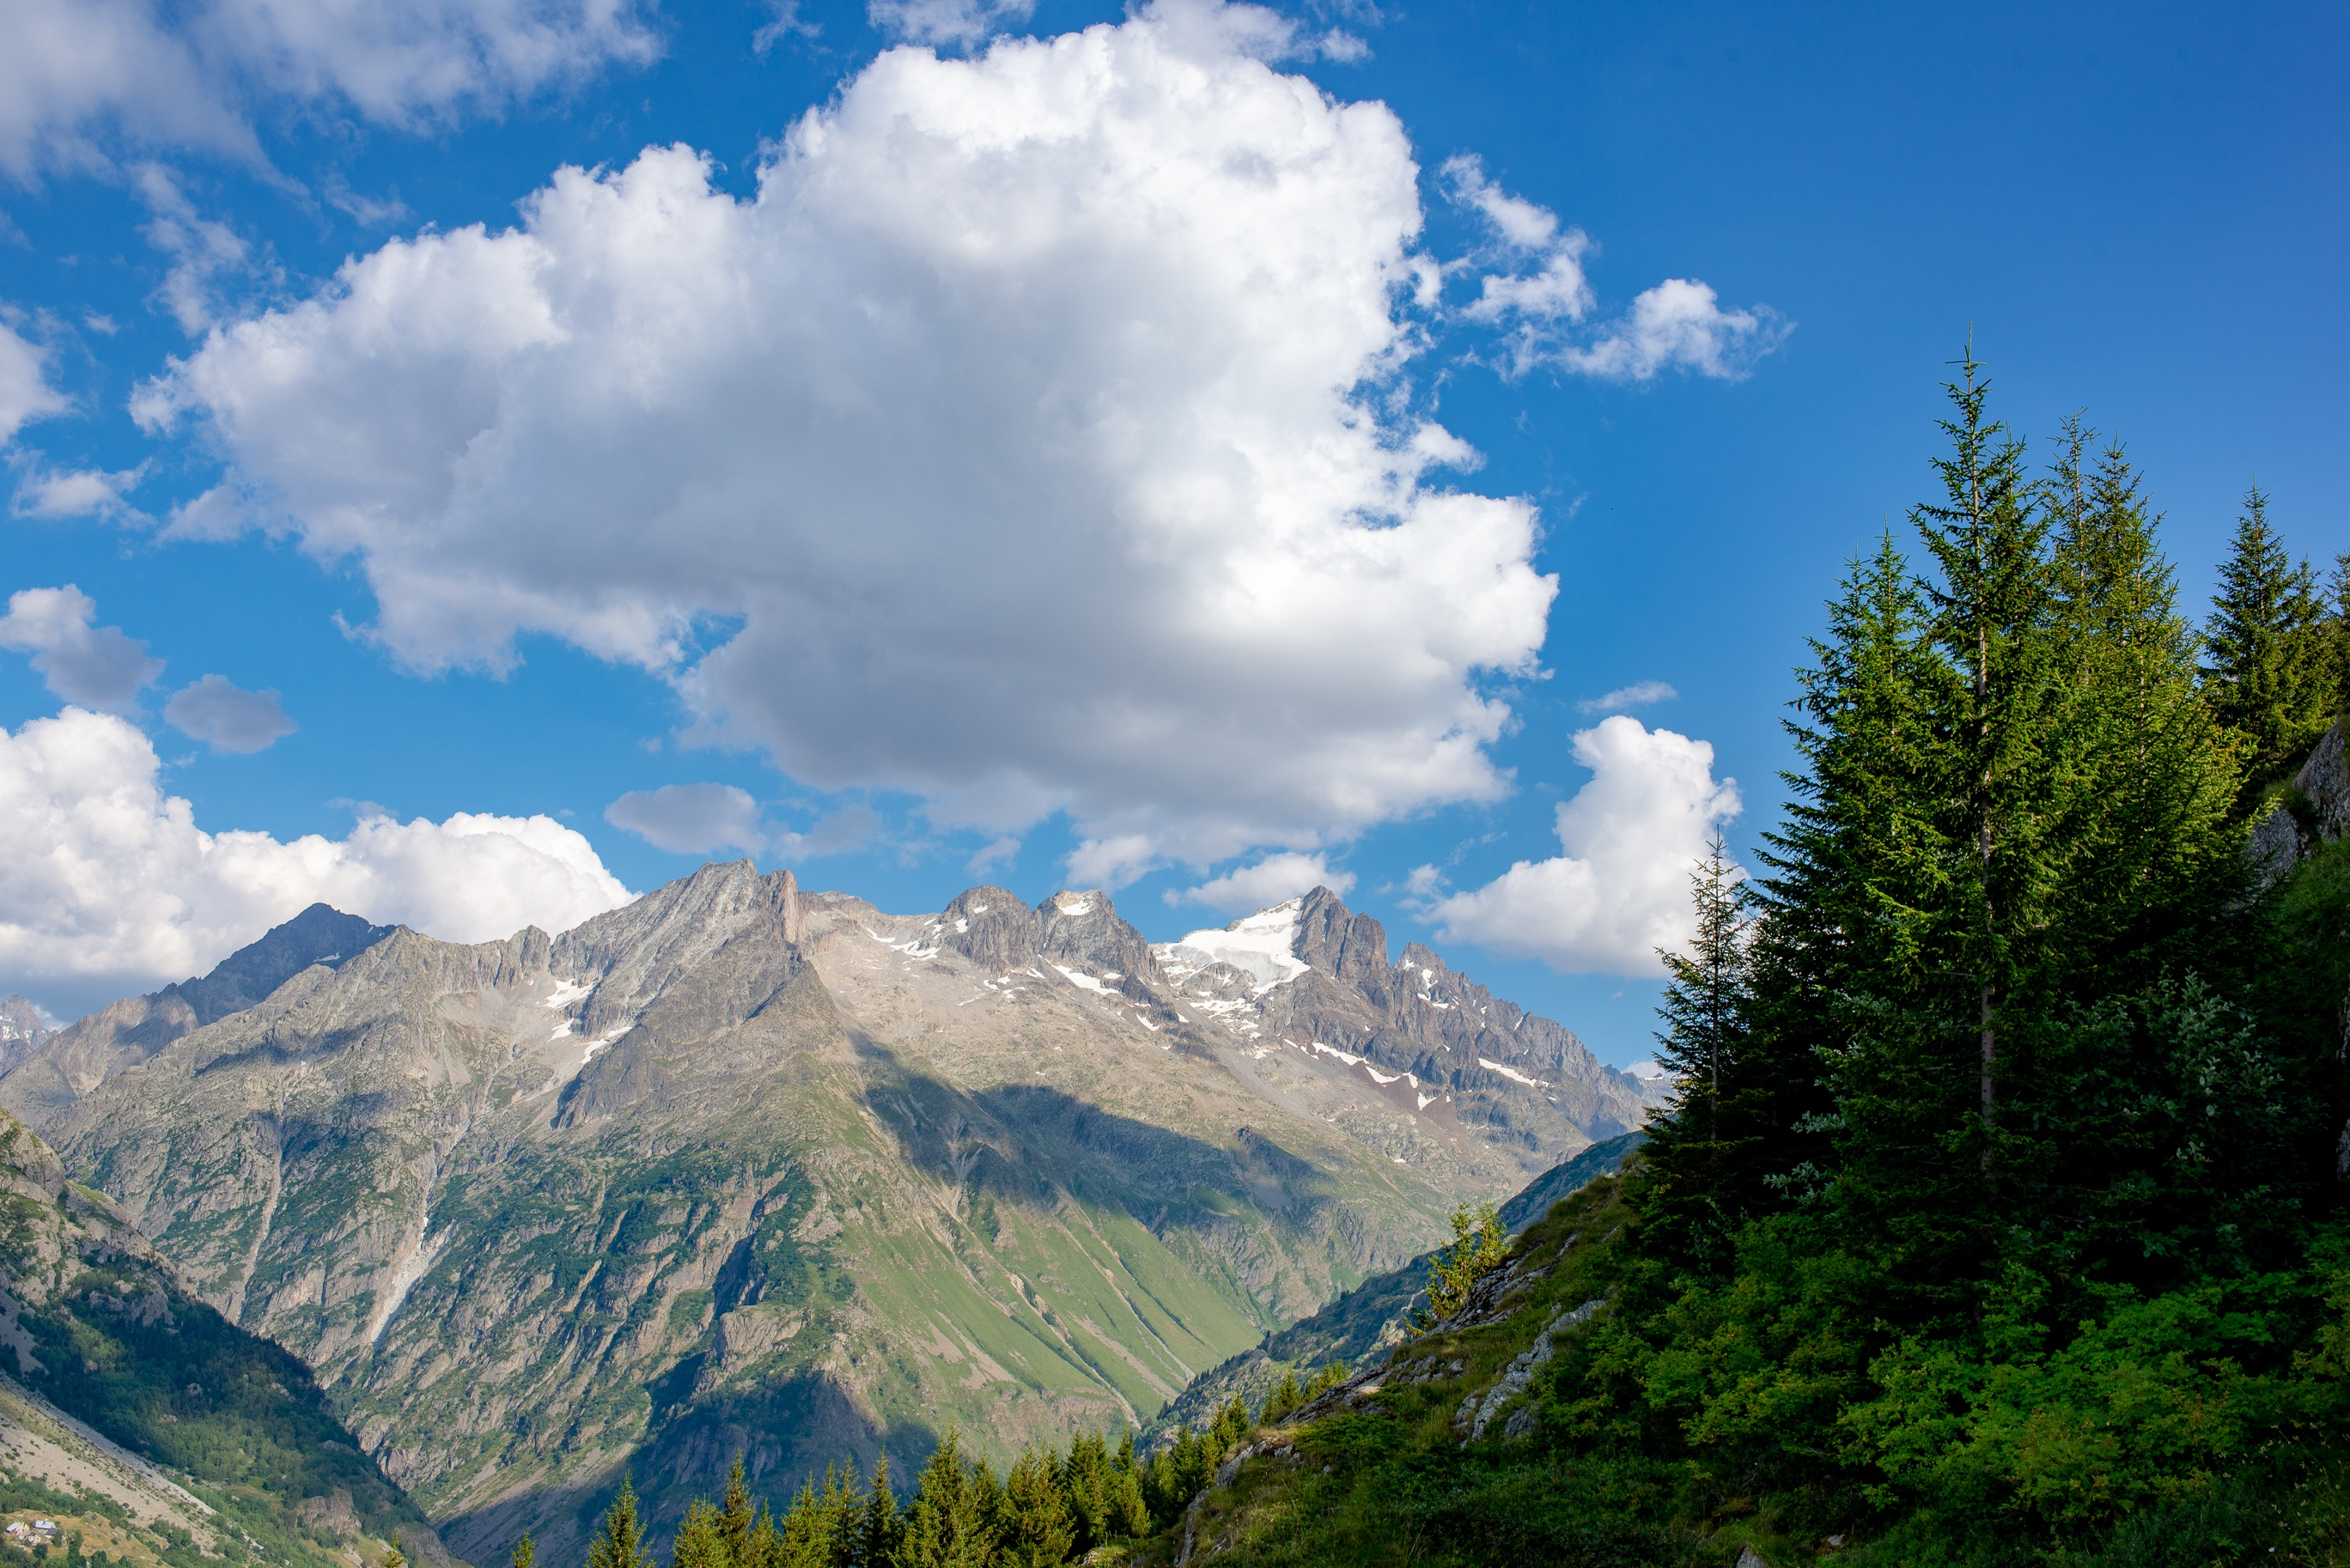 Massif de l'Oisans dans les Alpes du nord en août 2018